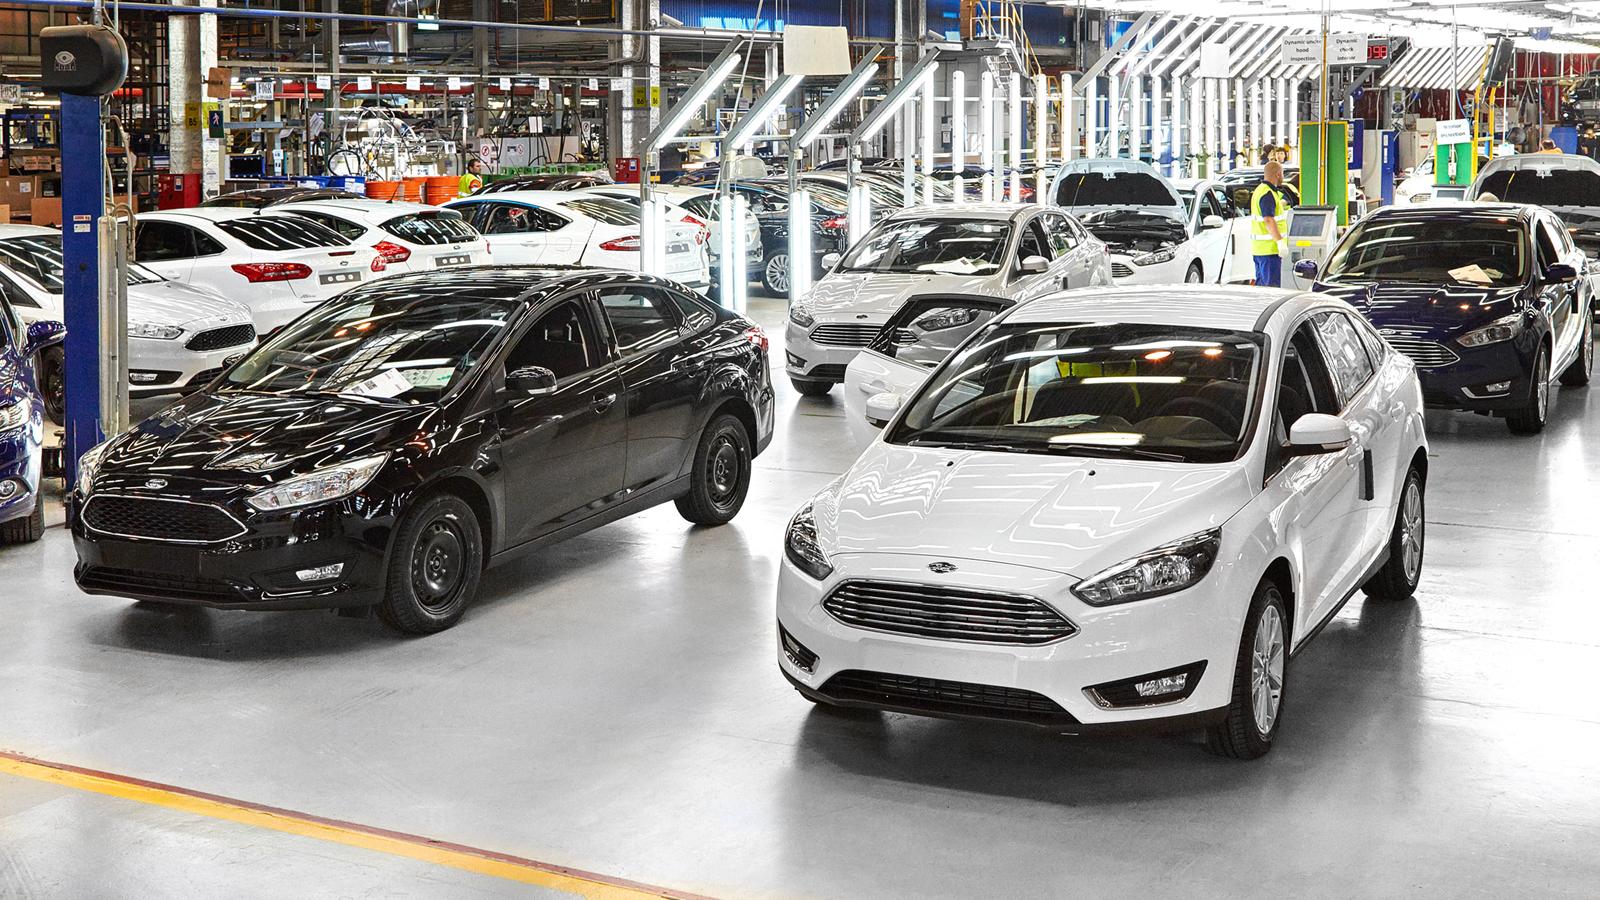 Сообщается, что все покупаемые по программе легковые автомобили должны быть  переданы покупателям до 1 декабря 2017 года. Размер выделенных на  реализацию ... d5df3db0c09